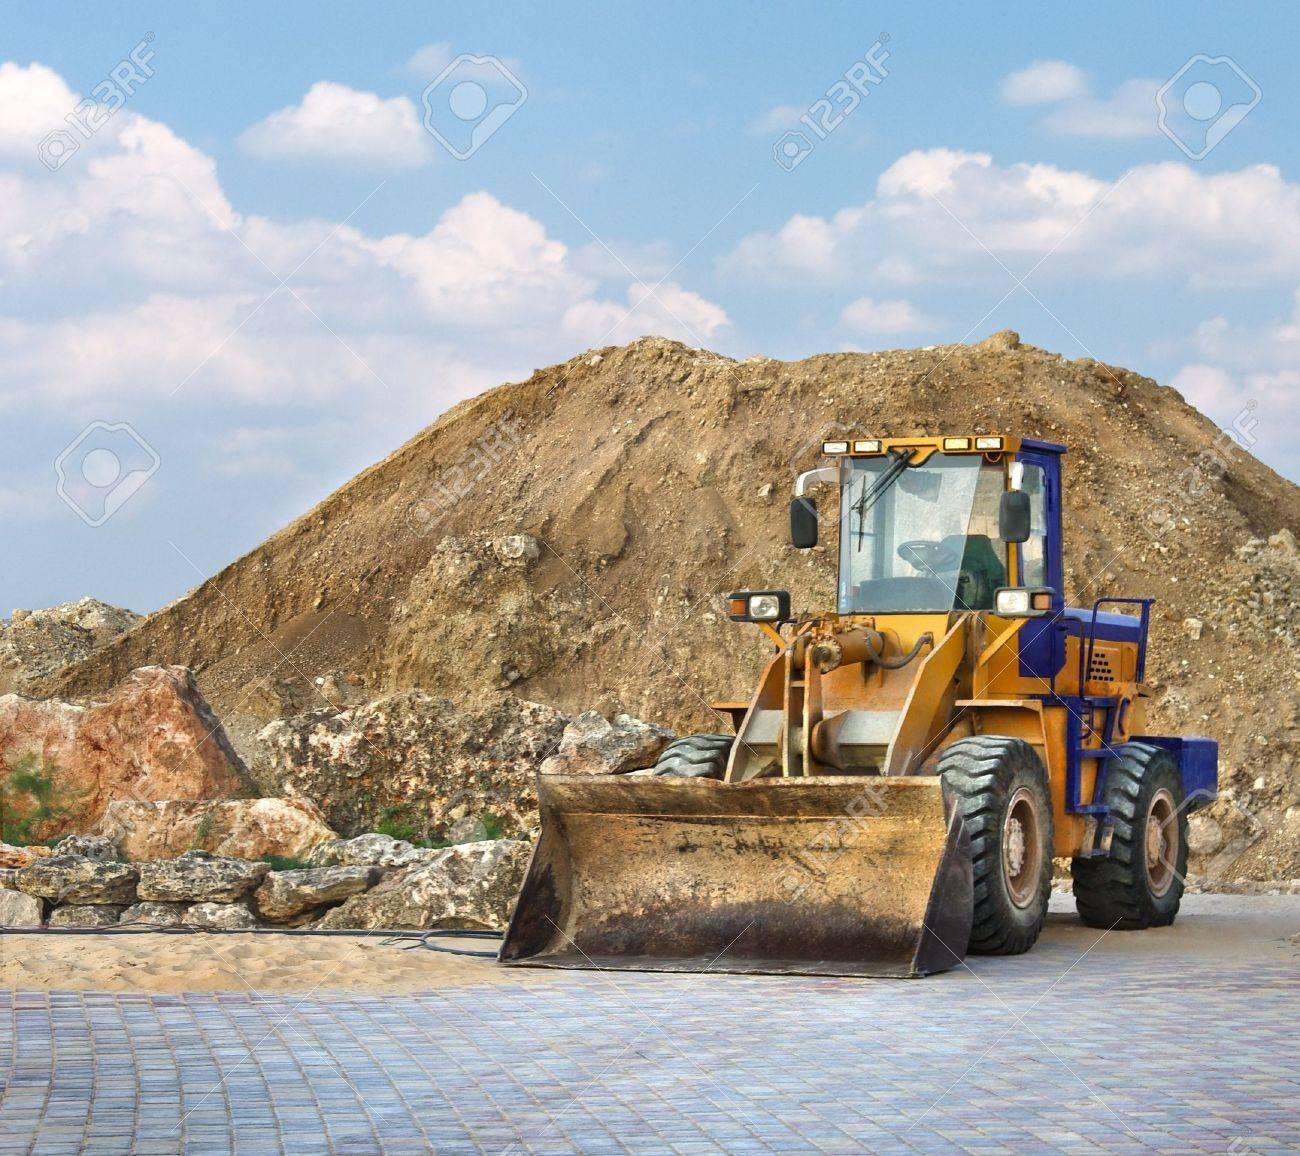 Bulldozer amarillo en una obra de construcción trabajando en un montón de grava. Construcción de escena con una excavadora pequeña. Foto de archivo - 13362426